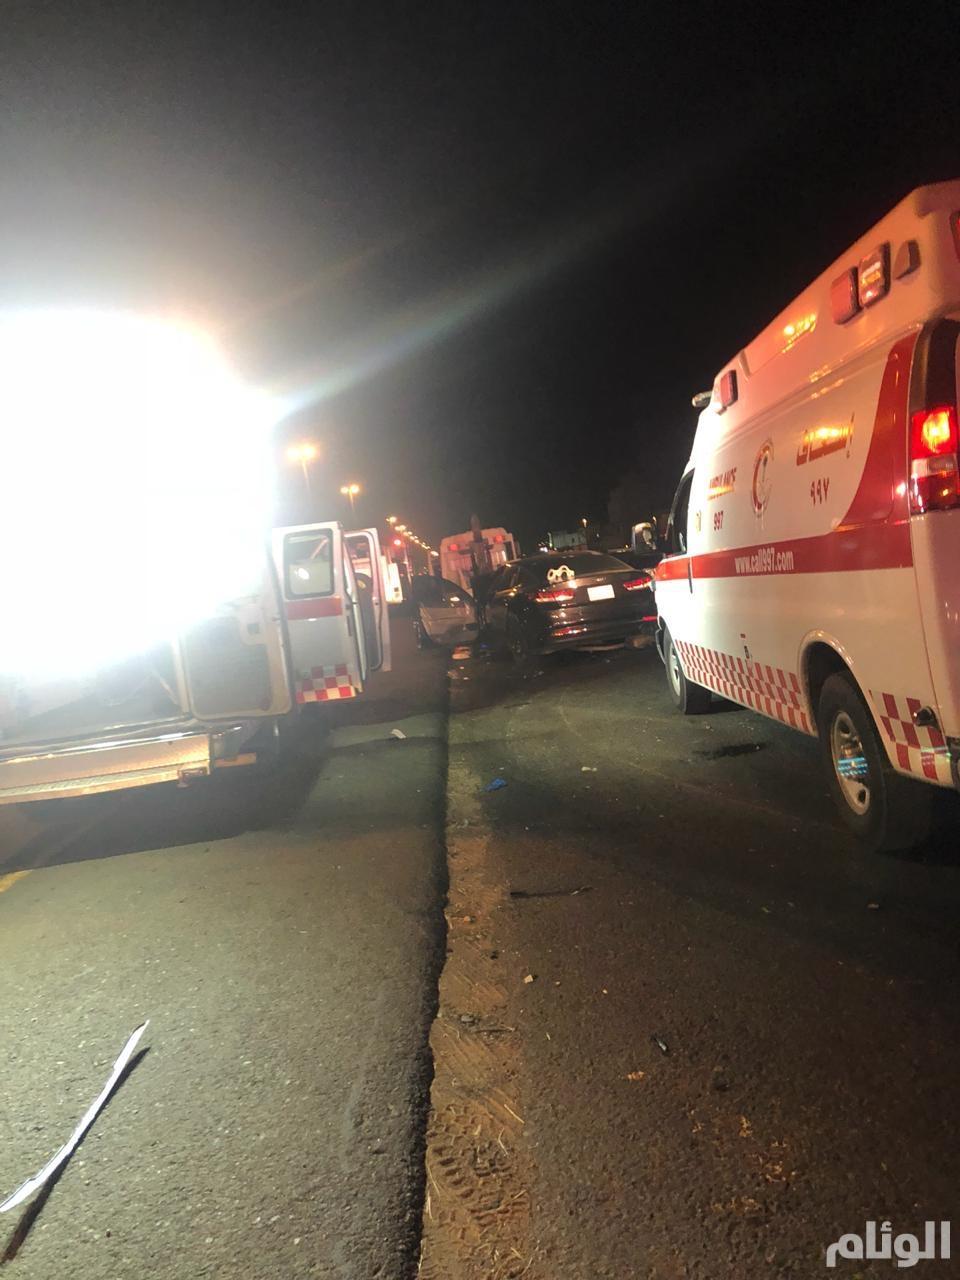 وفاة اثنين وإصابة أربعة آخرين في حادث تصادم بجدة الخمرة